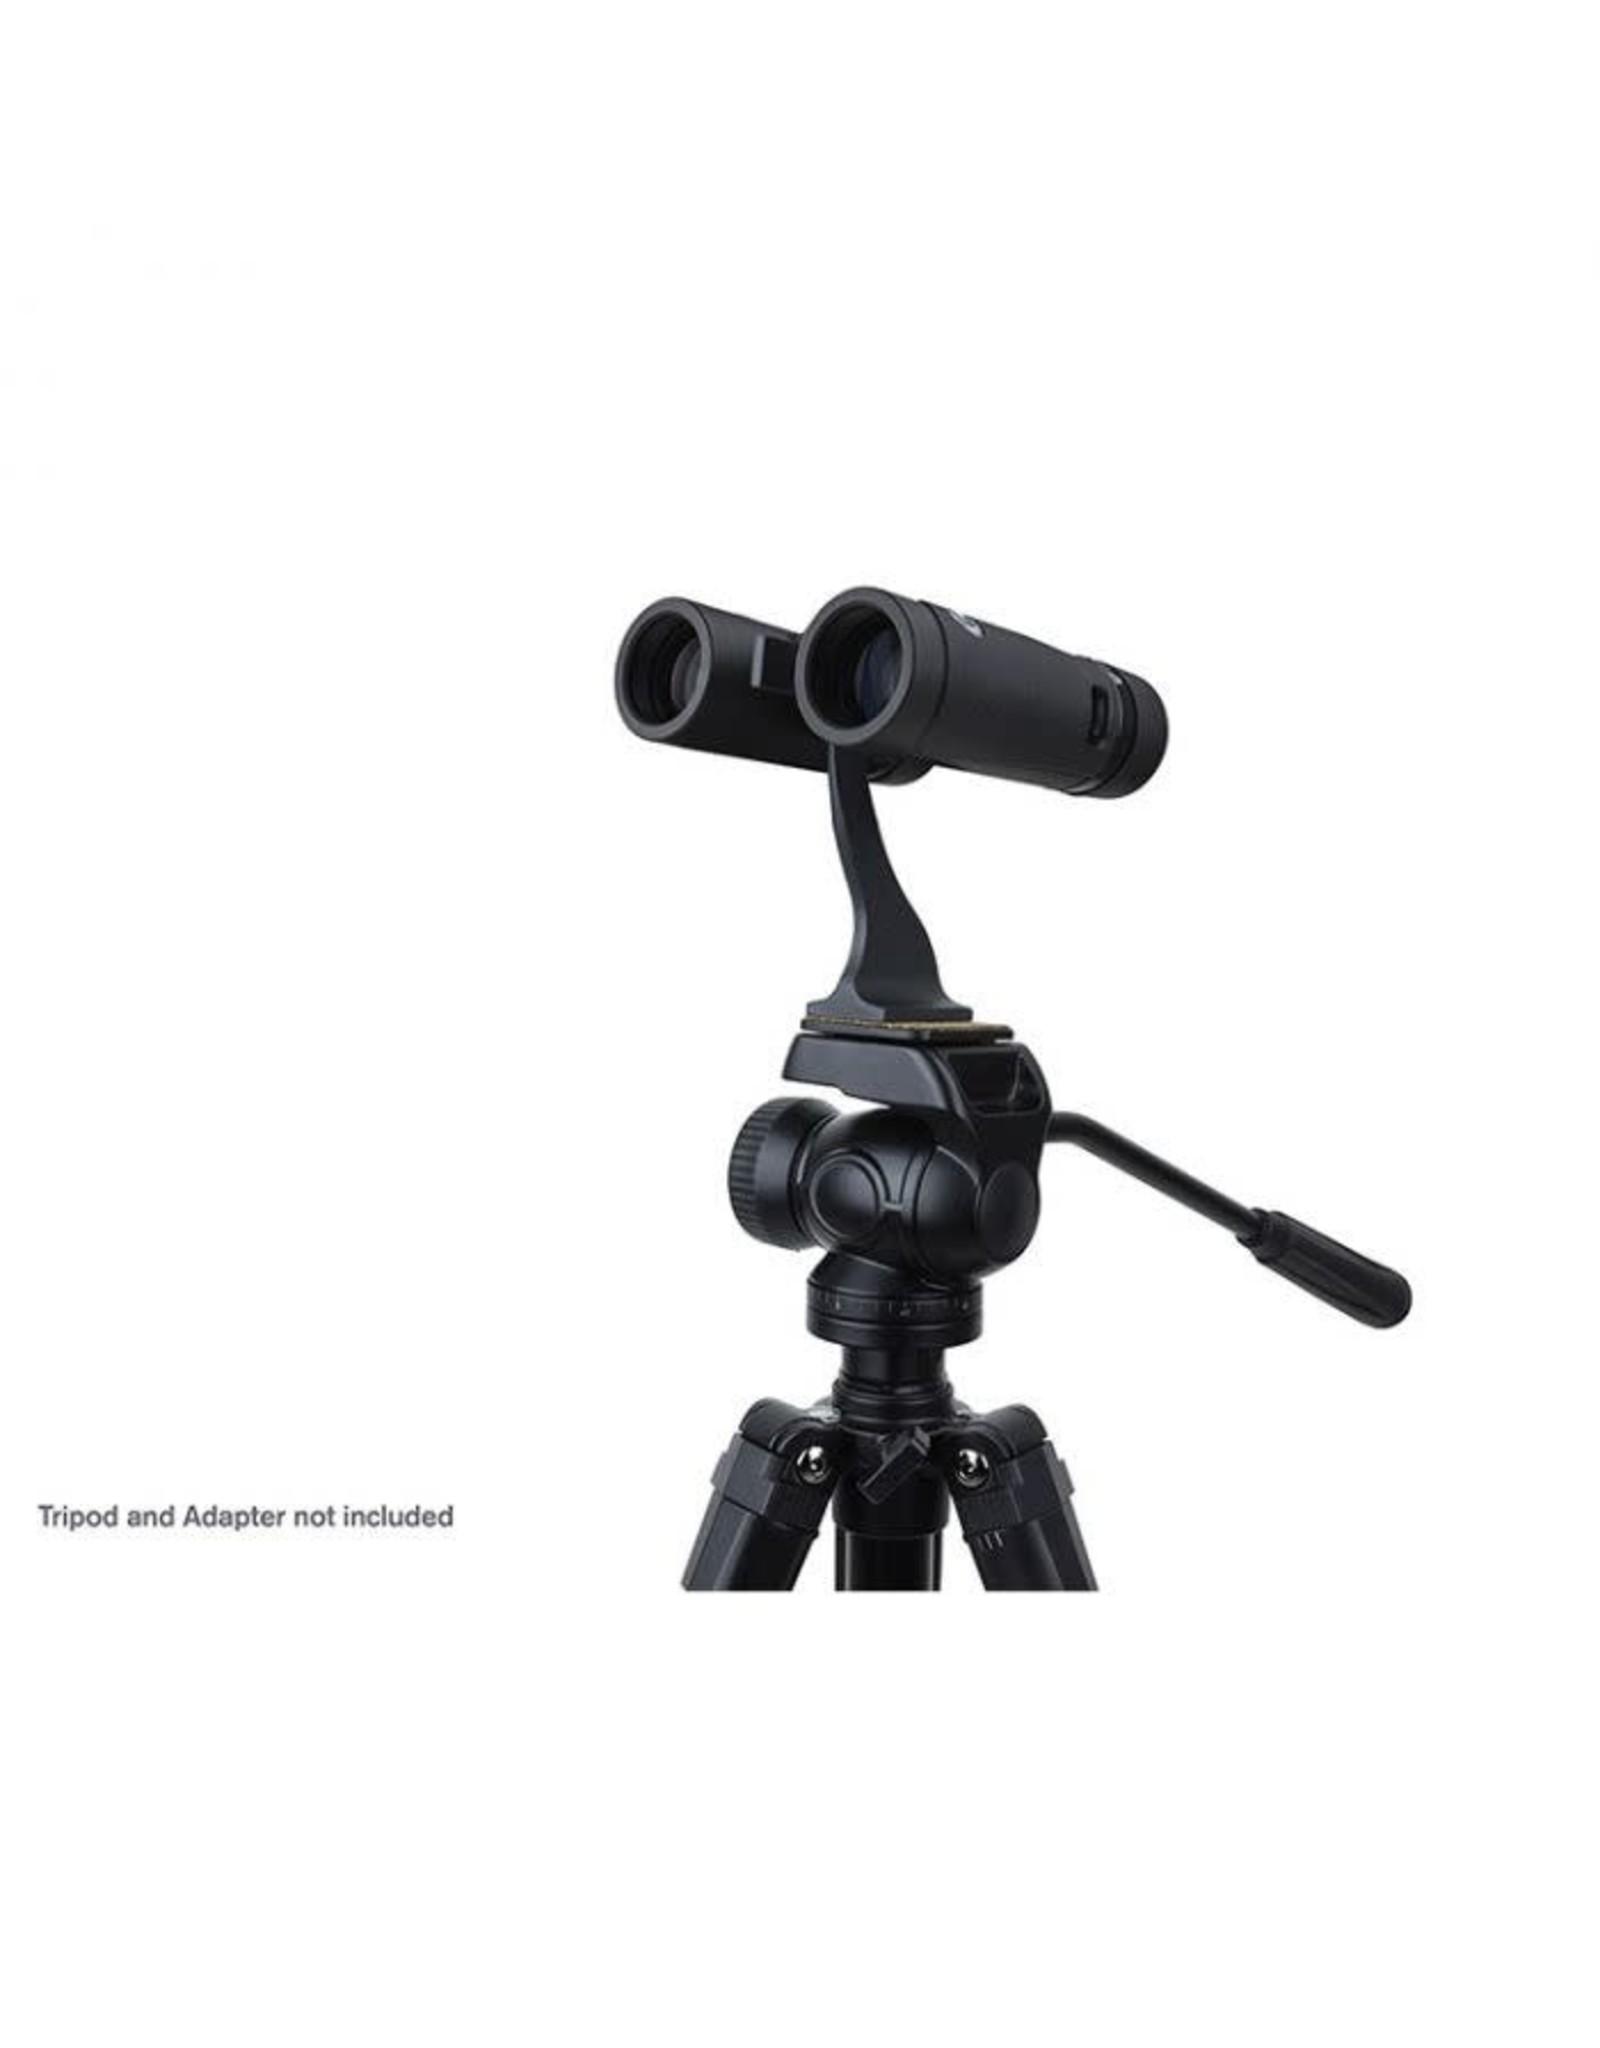 Celestron Celestron 8x32 TrailSeeker ED Binoculars